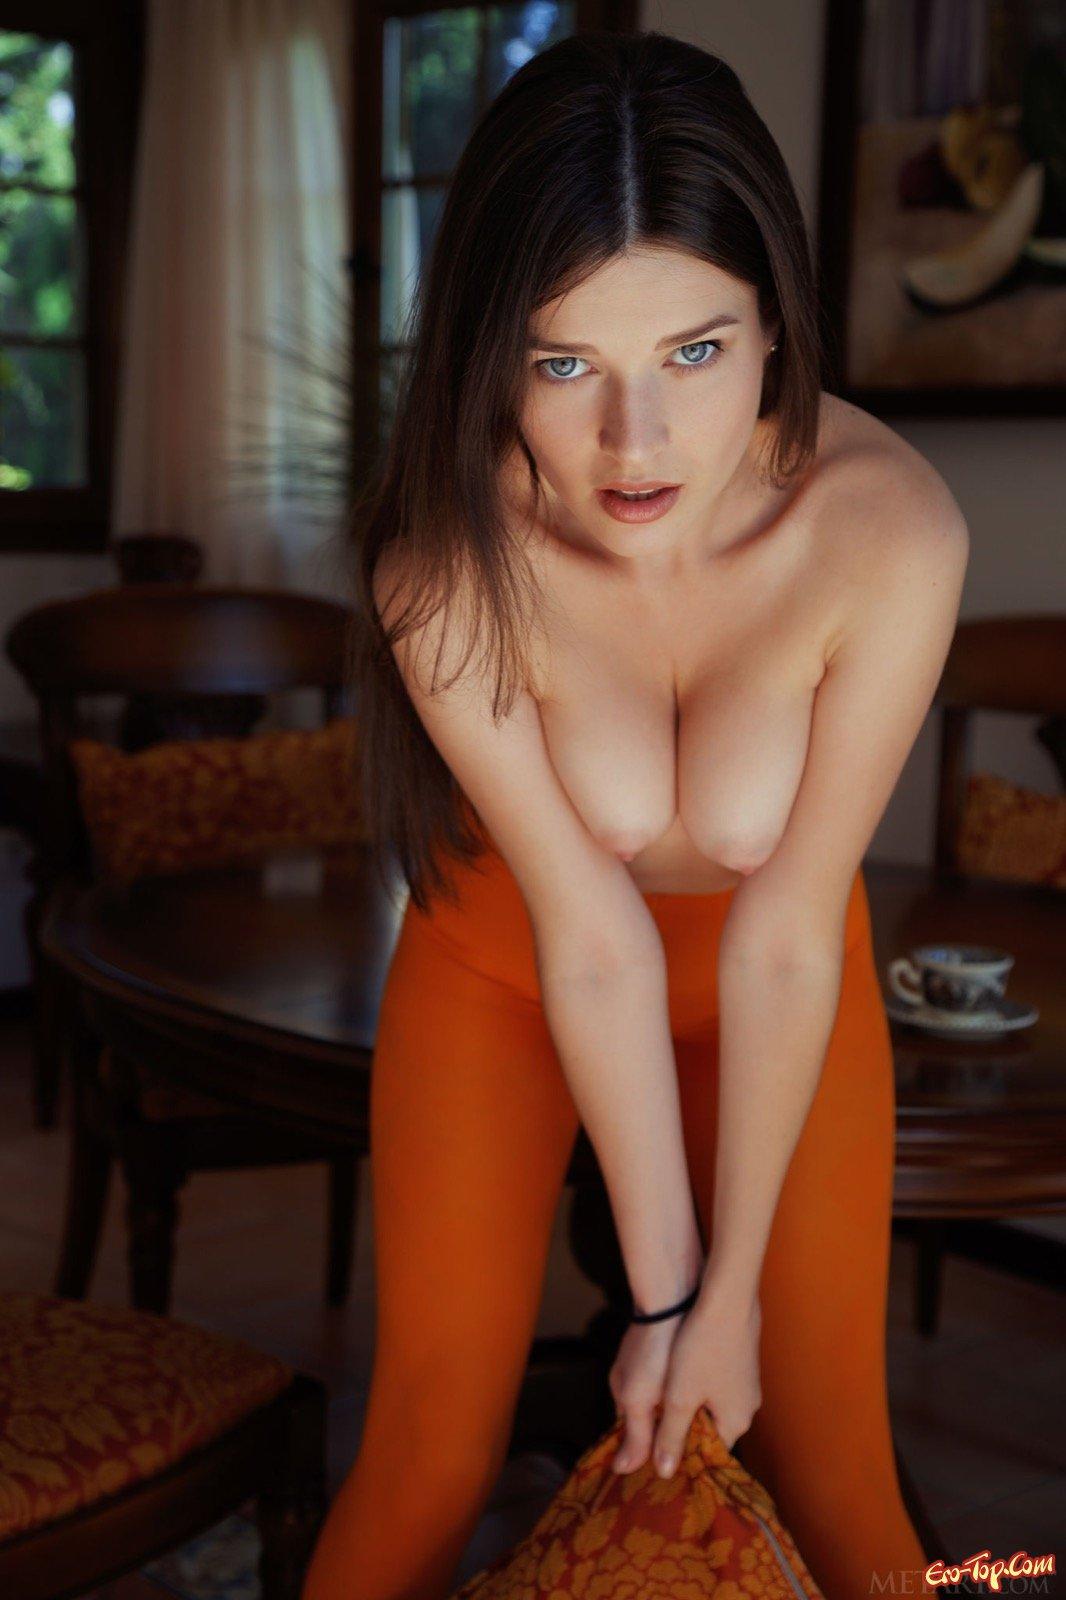 Подтянутая барышня в колготках фотографируется на столе и полу секс фото